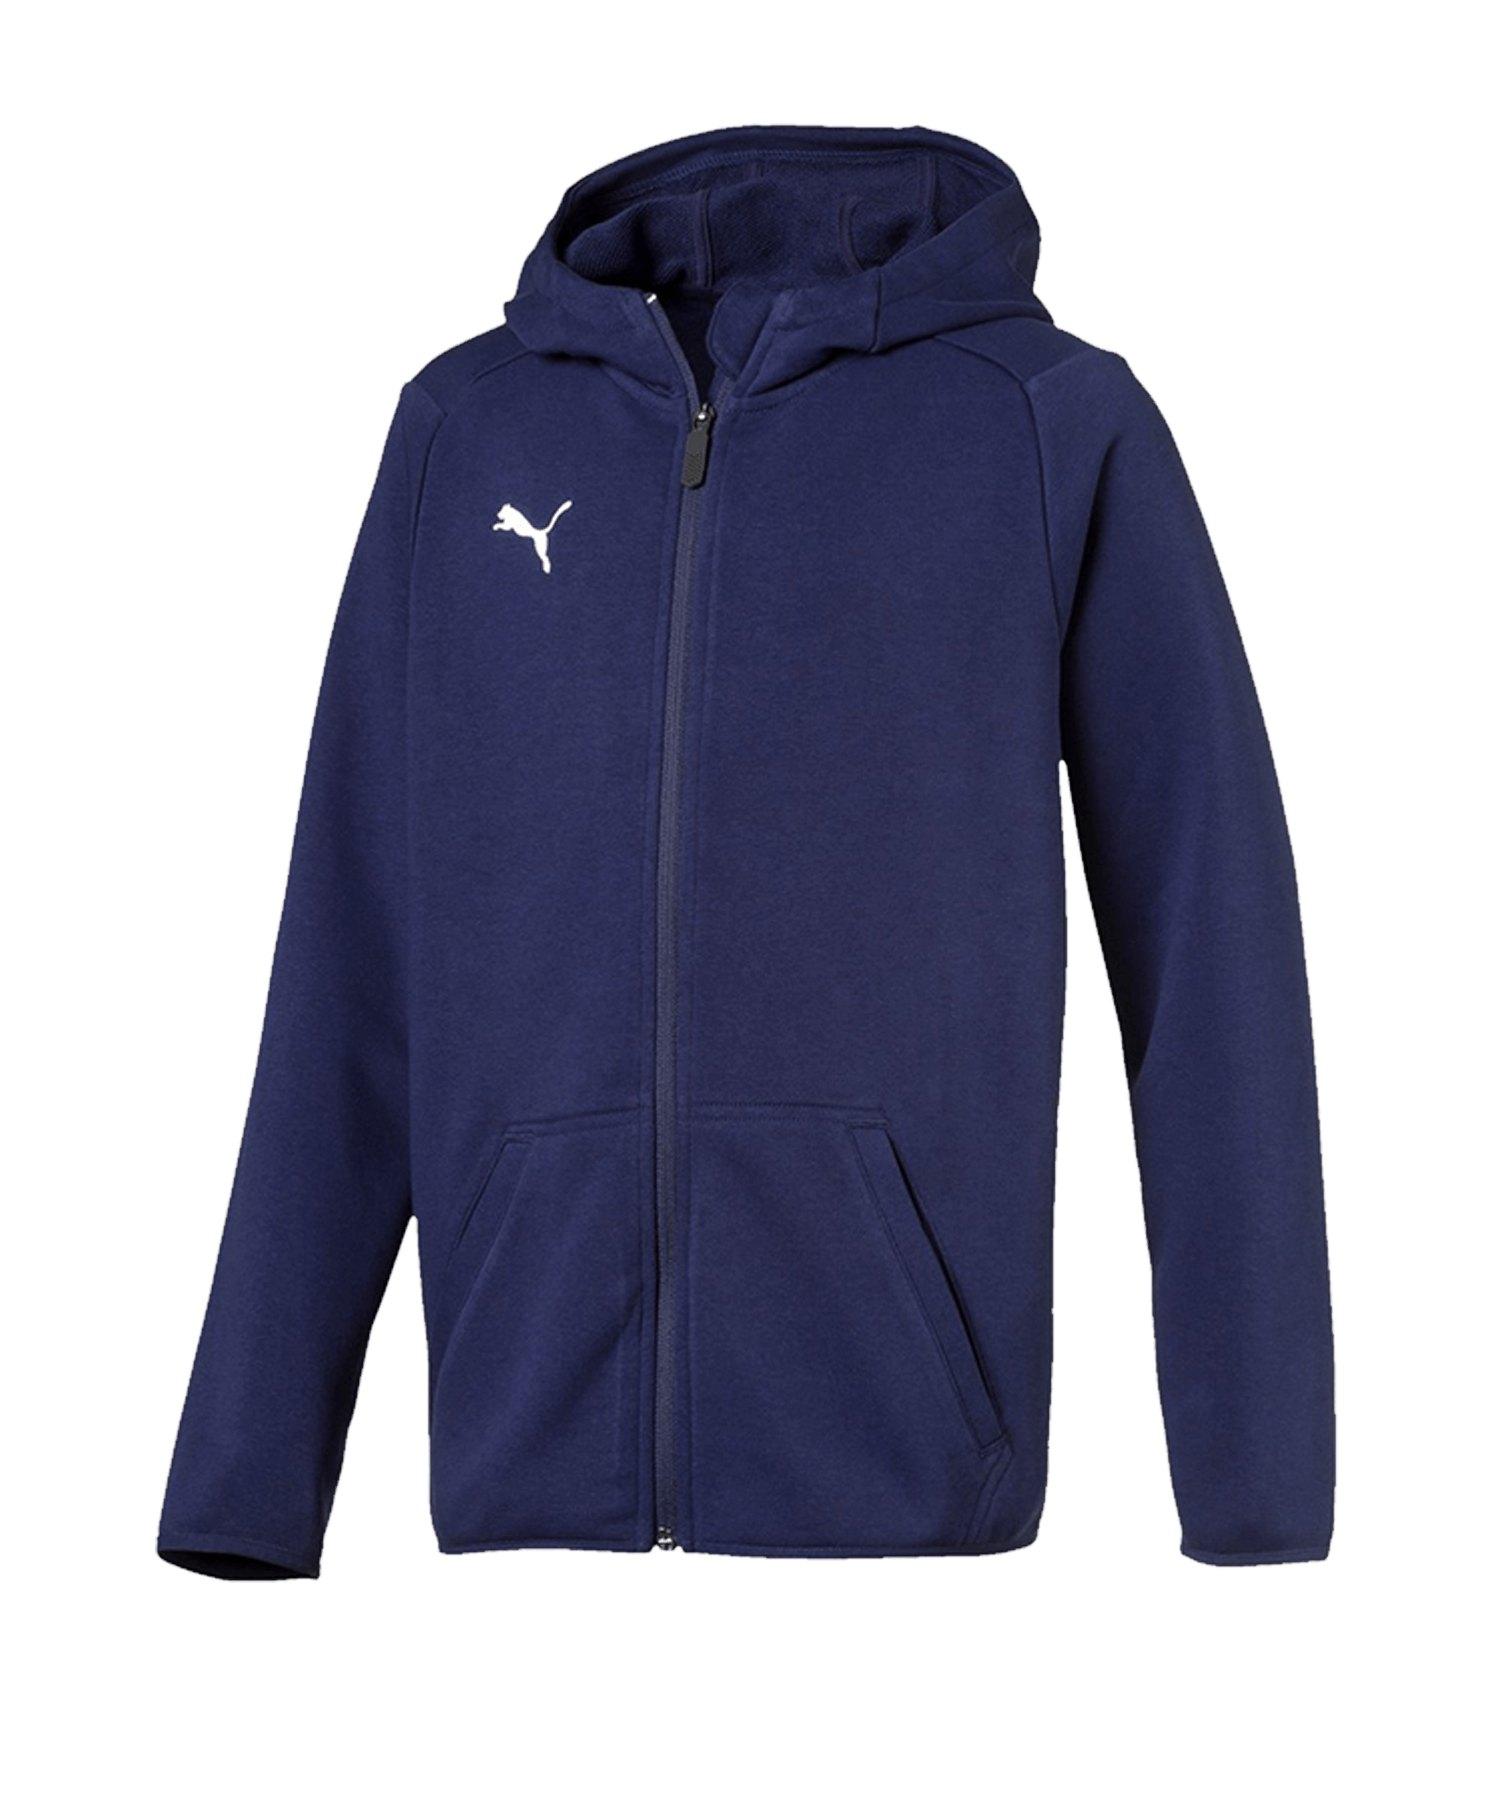 PUMA LIGA Casual Jacket Jacke Kids Blau F06 - blau